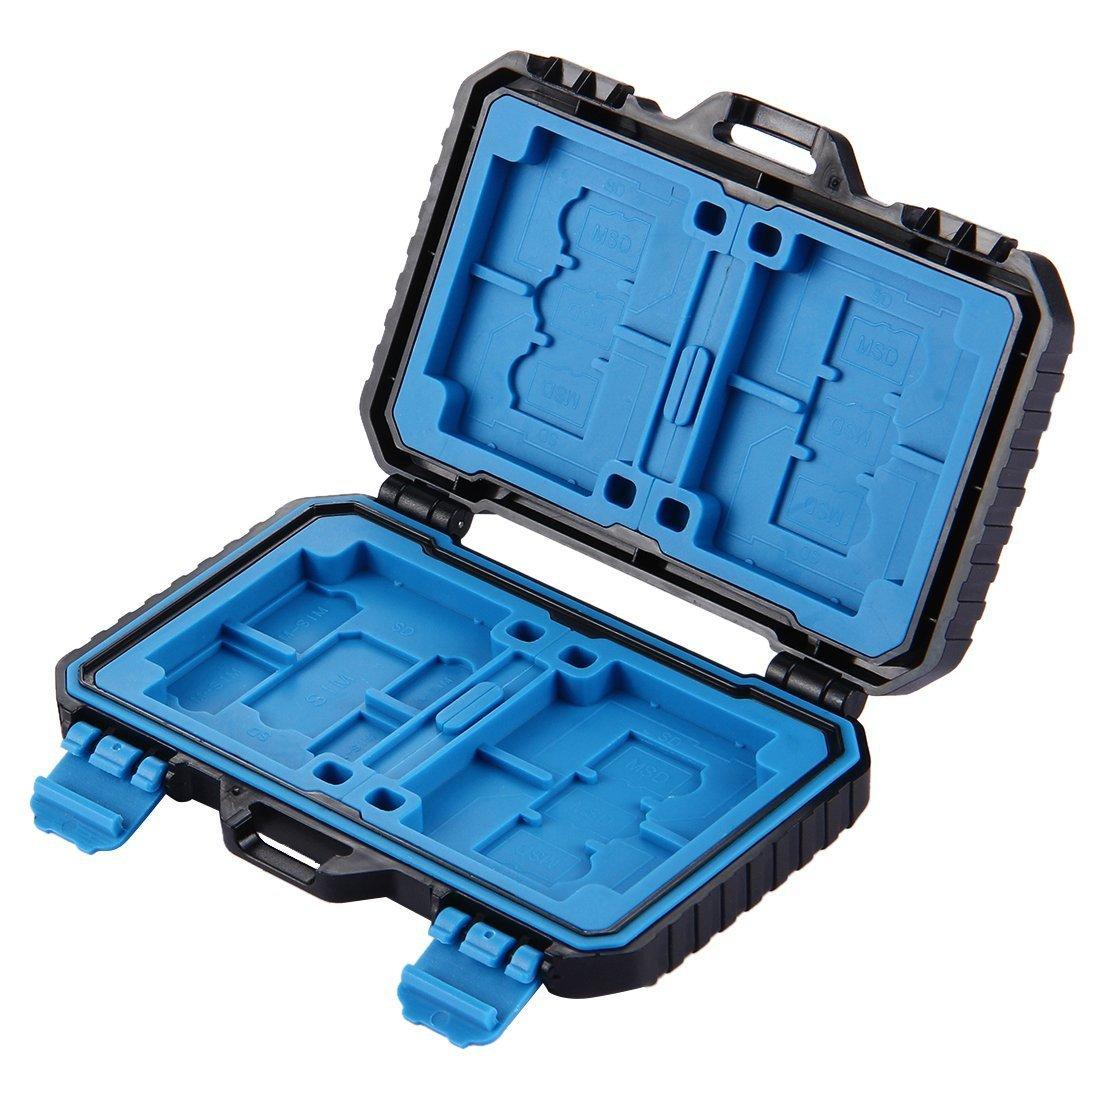 2/* CF 2/+ 3/* * TF SD 9/slot per schede Mini portatile resistente Wateroroof schede di memoria Holder Stocker Carrying Shell Storage box di protezione capacit/à: 2/* Xqd Calesi SD CF TF scheda di memoria Xqd custodia